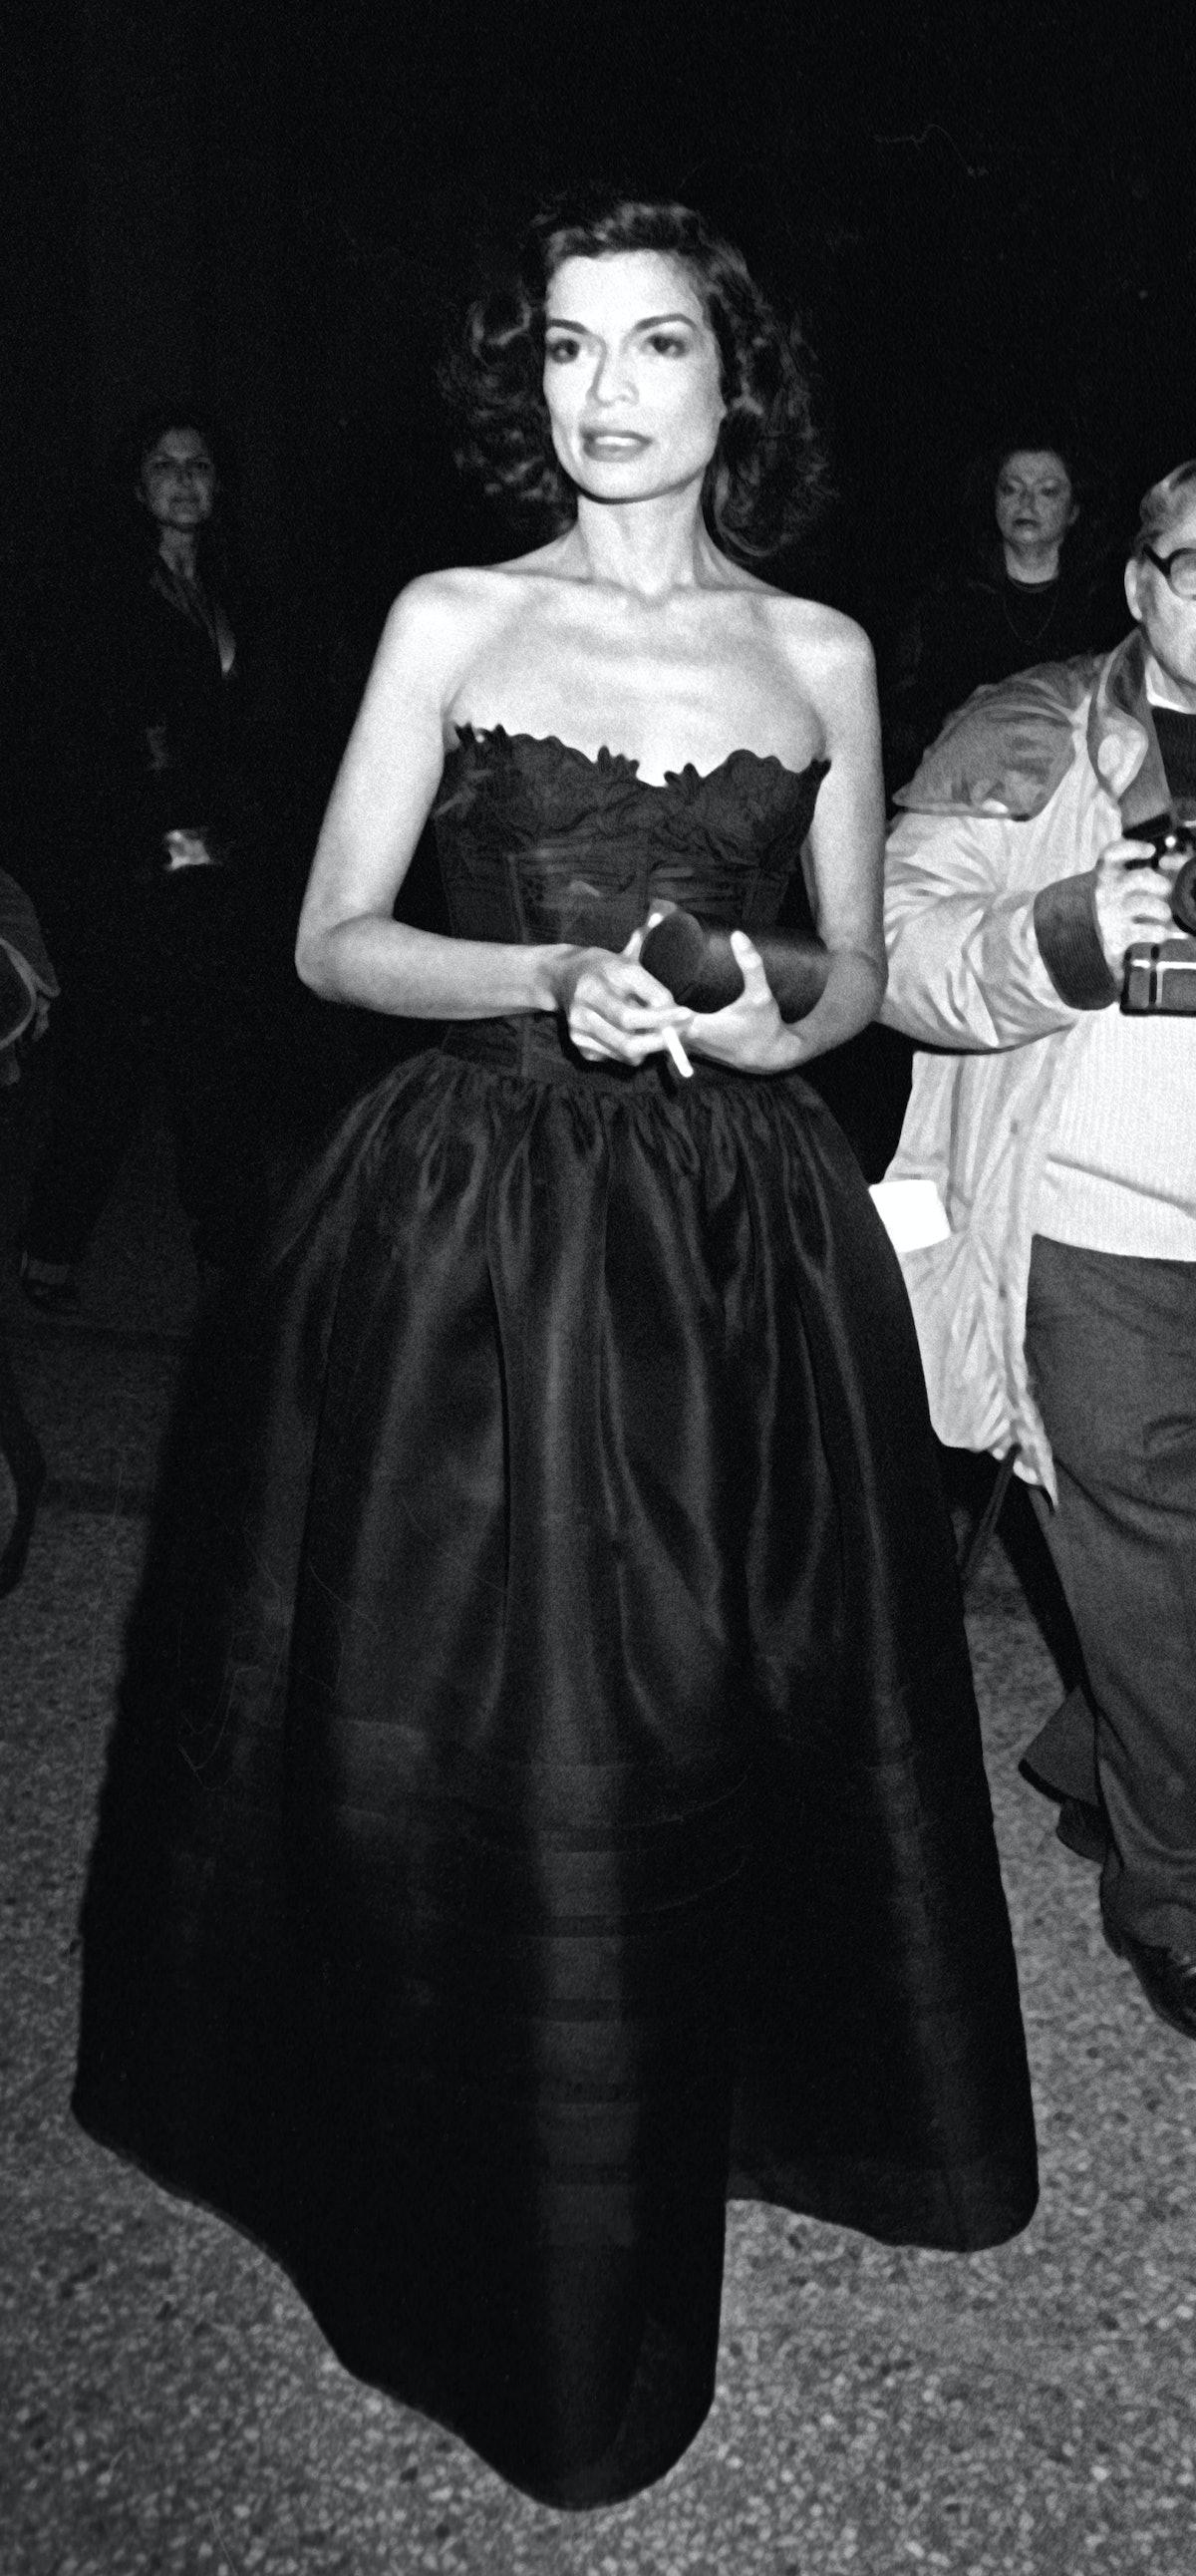 """بیانکا جاگر در نمایشگاه گالری موسسه لباس موزه هنر متروپولیتن شرکت می کند """"زن قرن هجدهم"""" بر ..."""